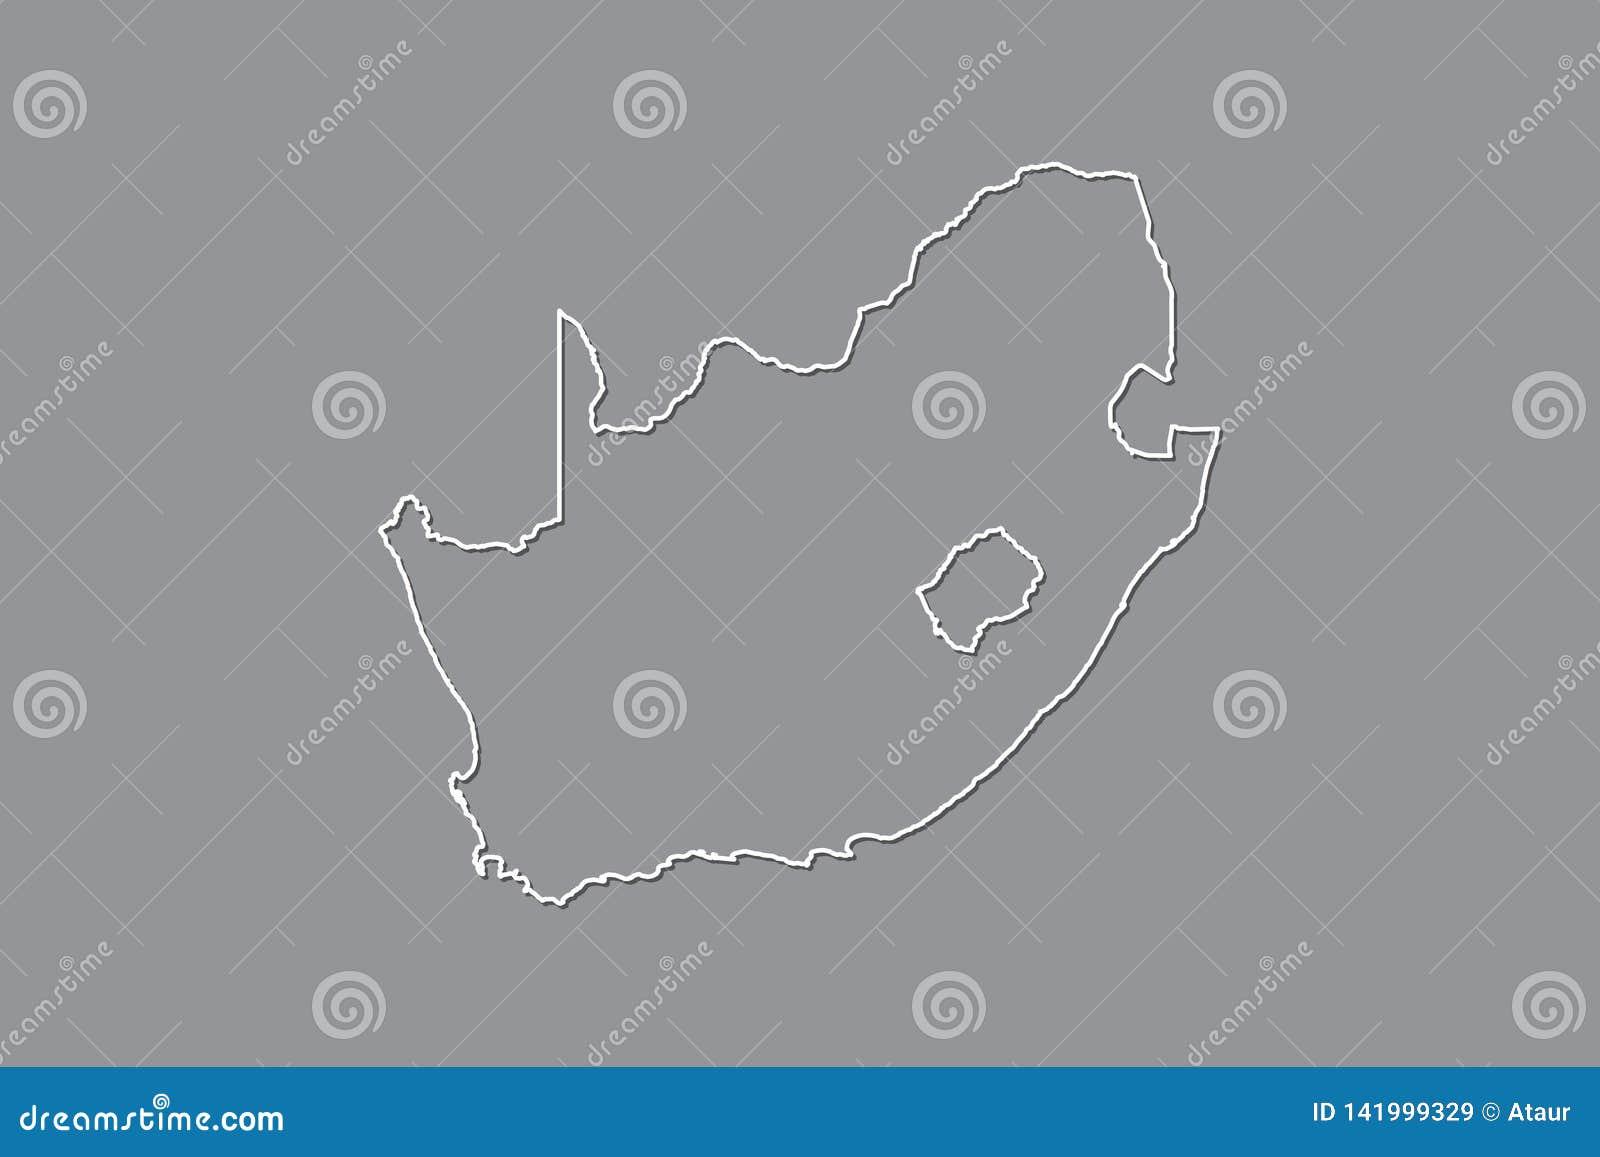 Südafrika-Vektorkarte mit einzelner Grenze Grenze unter Verwendung der weißen Farbe auf dunkler Hintergrundillustration